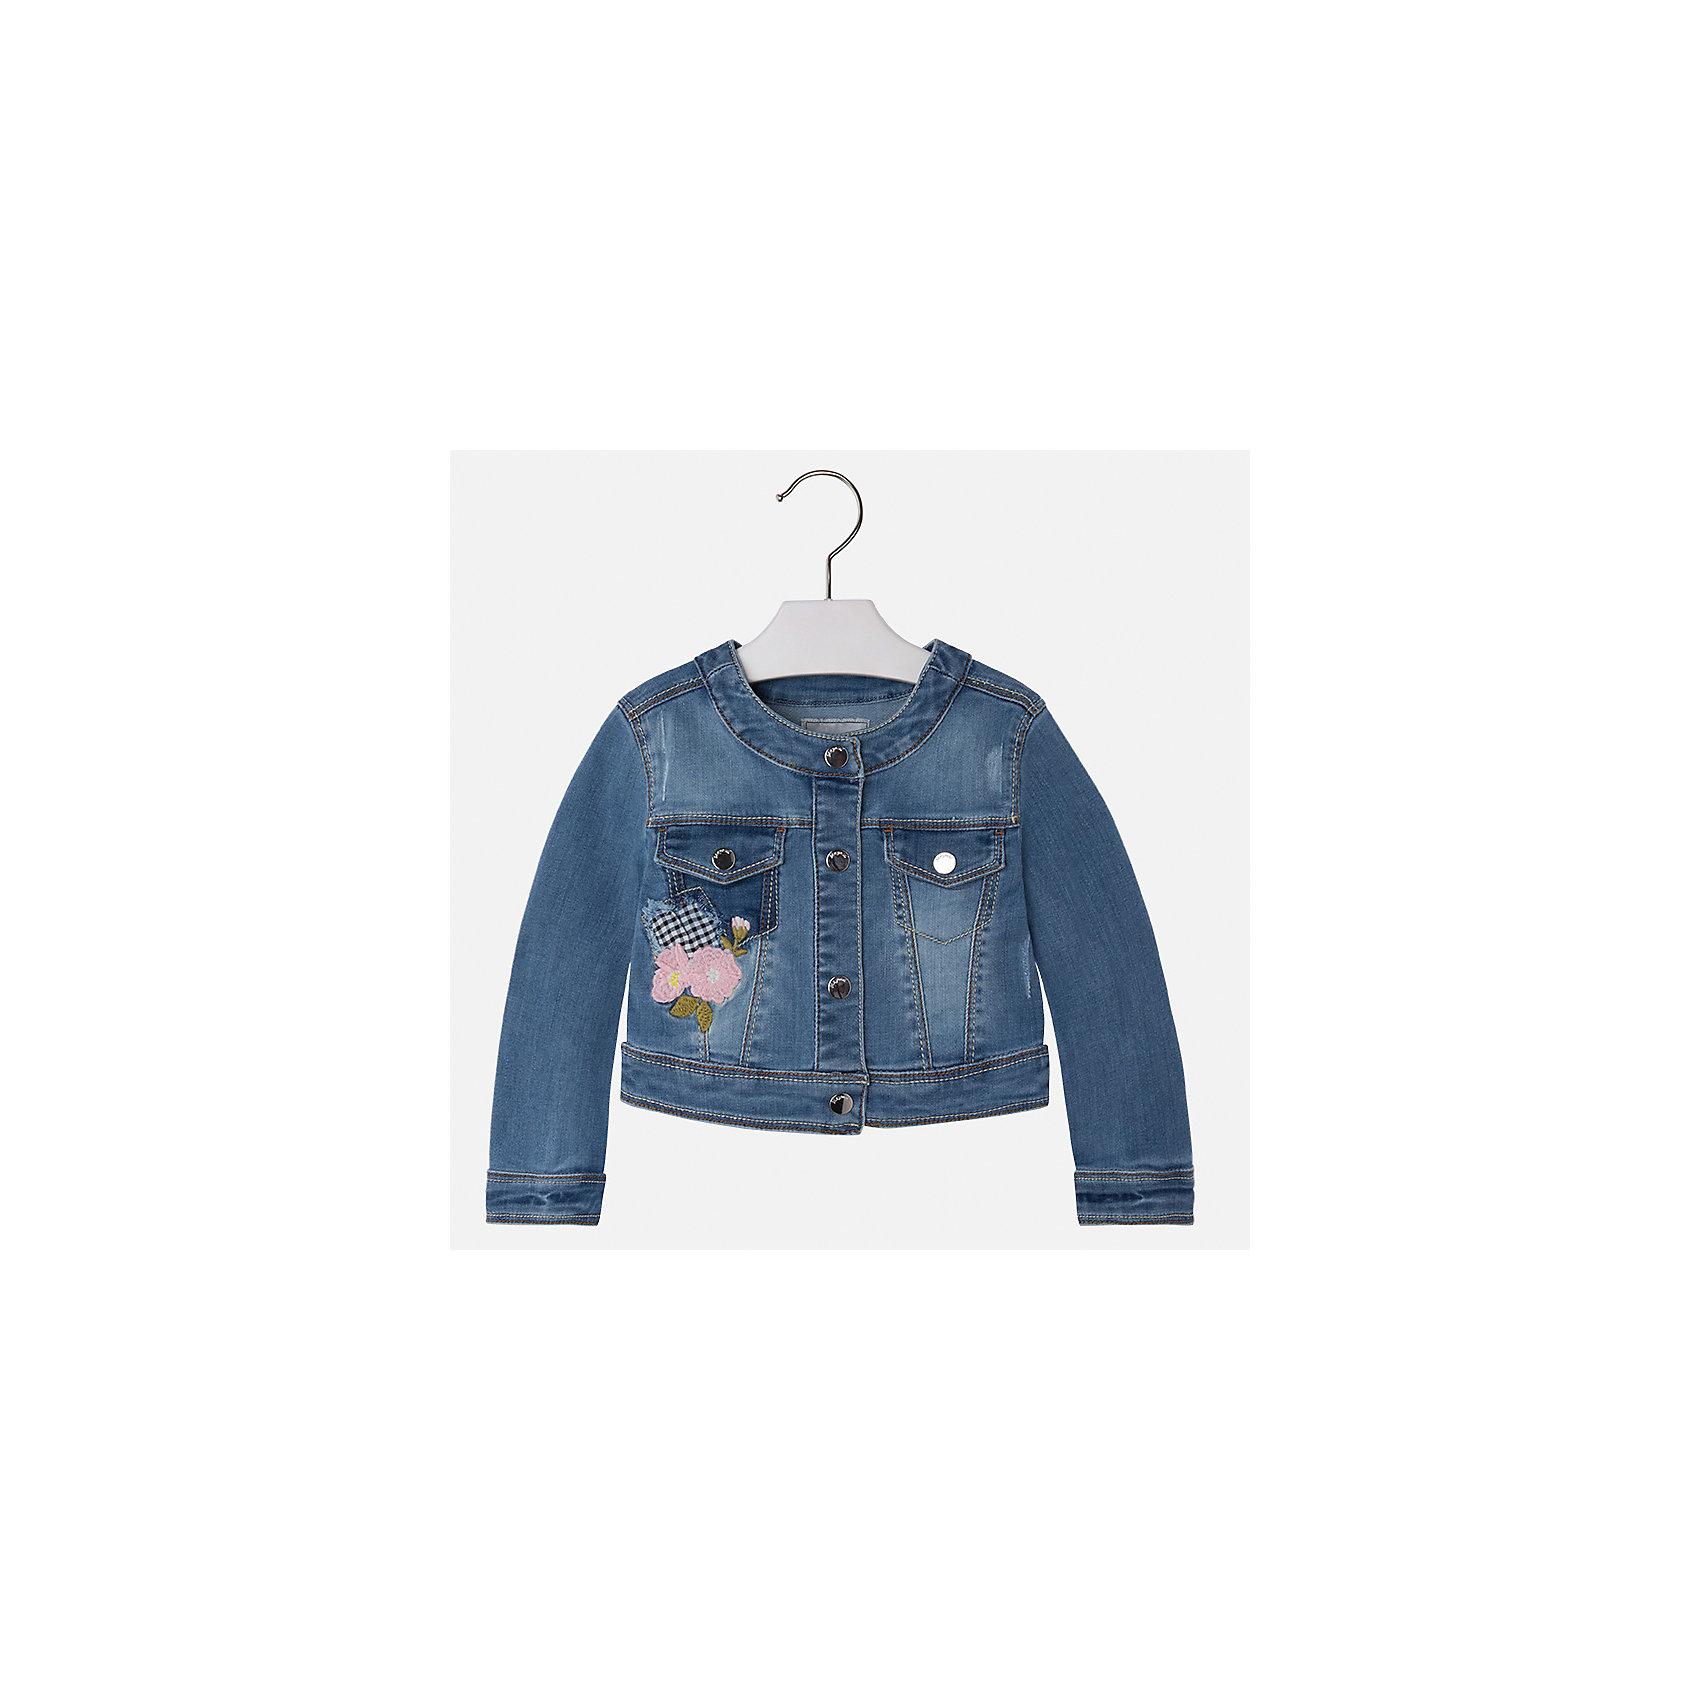 Куртка джинсовая для девочки MayoralДжинсовая одежда<br>Характеристики товара:<br><br>• цвет: синий<br>• состав: 81% полиэстер, 17% вискоза, 2% эластан<br>• вышивка<br>• карманы<br>• с длинными рукавами <br>• застежки: кнопки<br>• страна бренда: Испания<br><br>Удобная и модная куртка для девочки поможет разнообразить гардероб ребенка и обеспечить тепло в прохладную погоду. Она отлично сочетается и с юбками, и с брюками. Красивый цвет позволяет подобрать к вещи низ различных расцветок. Интересная отделка модели делает её нарядной и стильной. Оригинальной и модной куртку делает красивая вышивка.<br><br>Одежда, обувь и аксессуары от испанского бренда Mayoral полюбились детям и взрослым по всему миру. Модели этой марки - стильные и удобные. Для их производства используются только безопасные, качественные материалы и фурнитура. Порадуйте ребенка модными и красивыми вещами от Mayoral! <br><br>Куртку для девочки от испанского бренда Mayoral (Майорал) можно купить в нашем интернет-магазине.<br><br>Ширина мм: 356<br>Глубина мм: 10<br>Высота мм: 245<br>Вес г: 519<br>Цвет: синий<br>Возраст от месяцев: 96<br>Возраст до месяцев: 108<br>Пол: Женский<br>Возраст: Детский<br>Размер: 134,92,98,104,110,116,122,128<br>SKU: 5290109